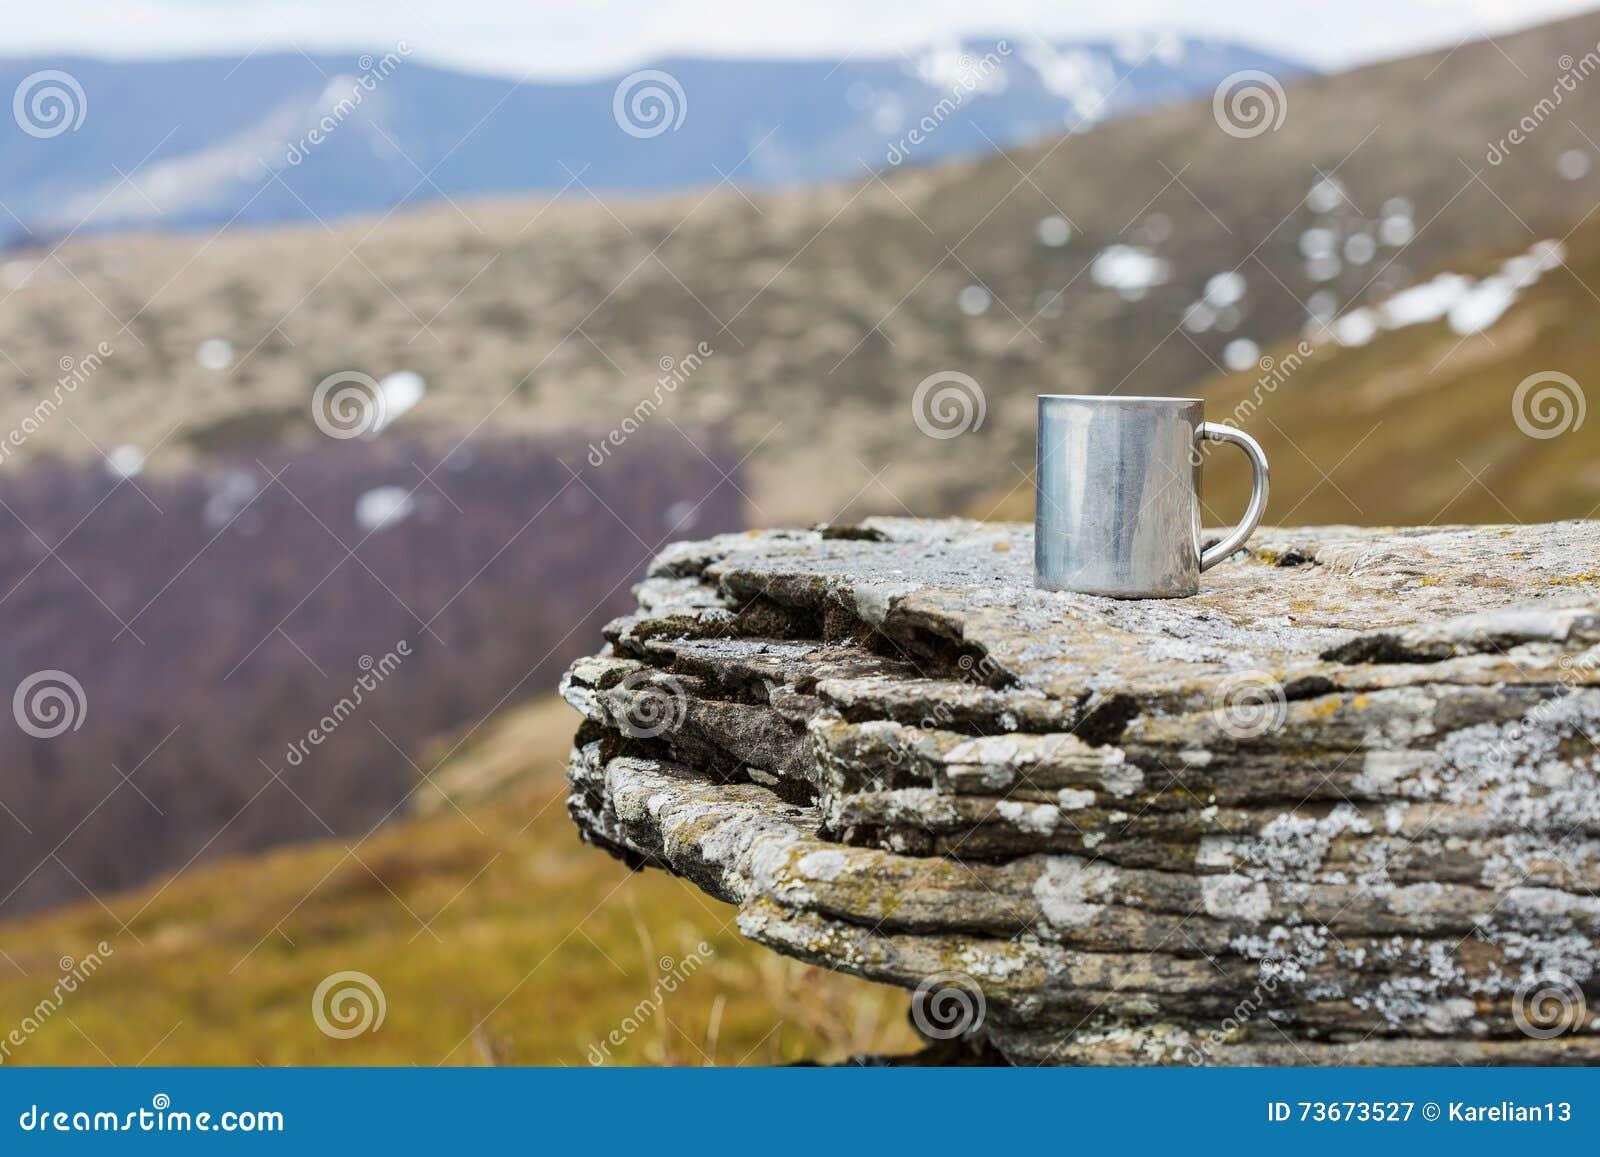 Tasse thermo d acier inoxydable sur une pierre plate dans des montagnes de tne